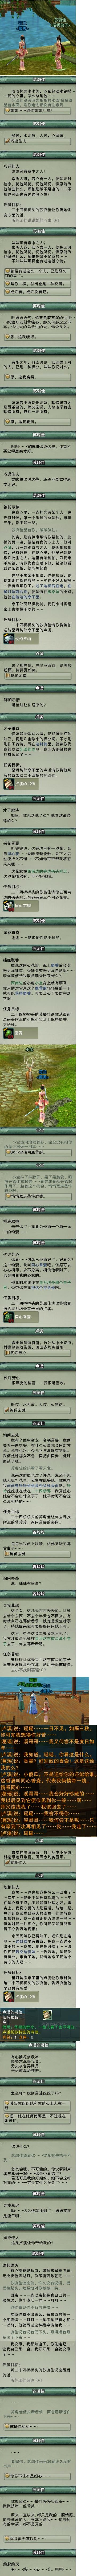 二十四桥苏璐佳.jpg